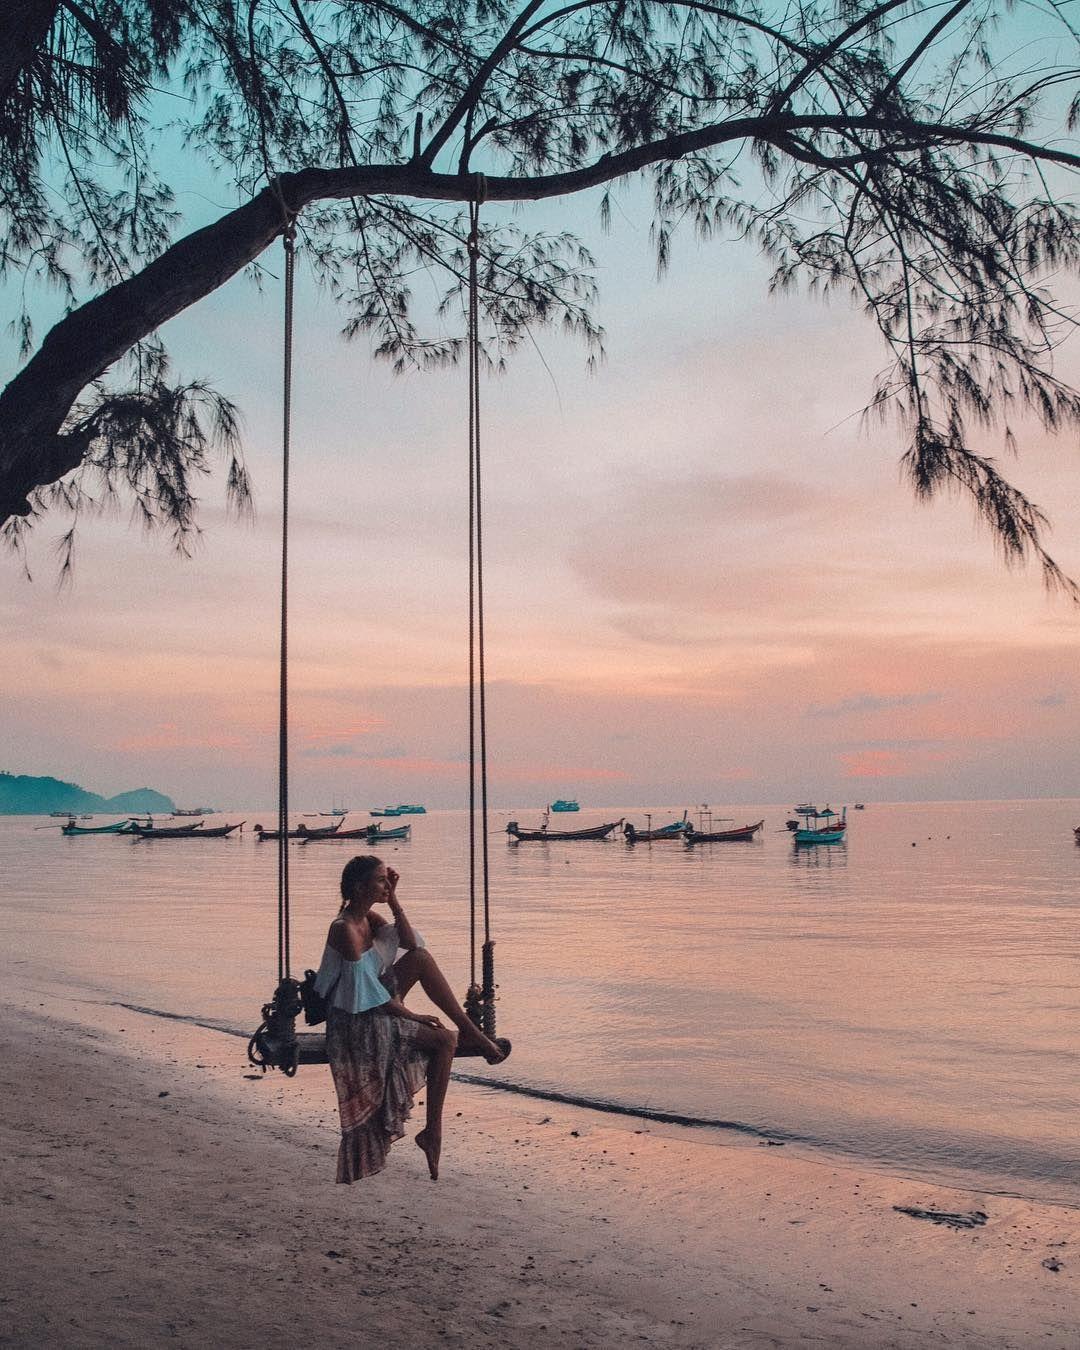 """Leonie Hanne sur Instagram: """"Se balancer au coucher du soleil ... Anzeige / Tellement reconnaissante pour ces jours de paradis paisibles qui m'ont aidé à me sentir rechargée et magnifiquement équilibrée ..."""""""